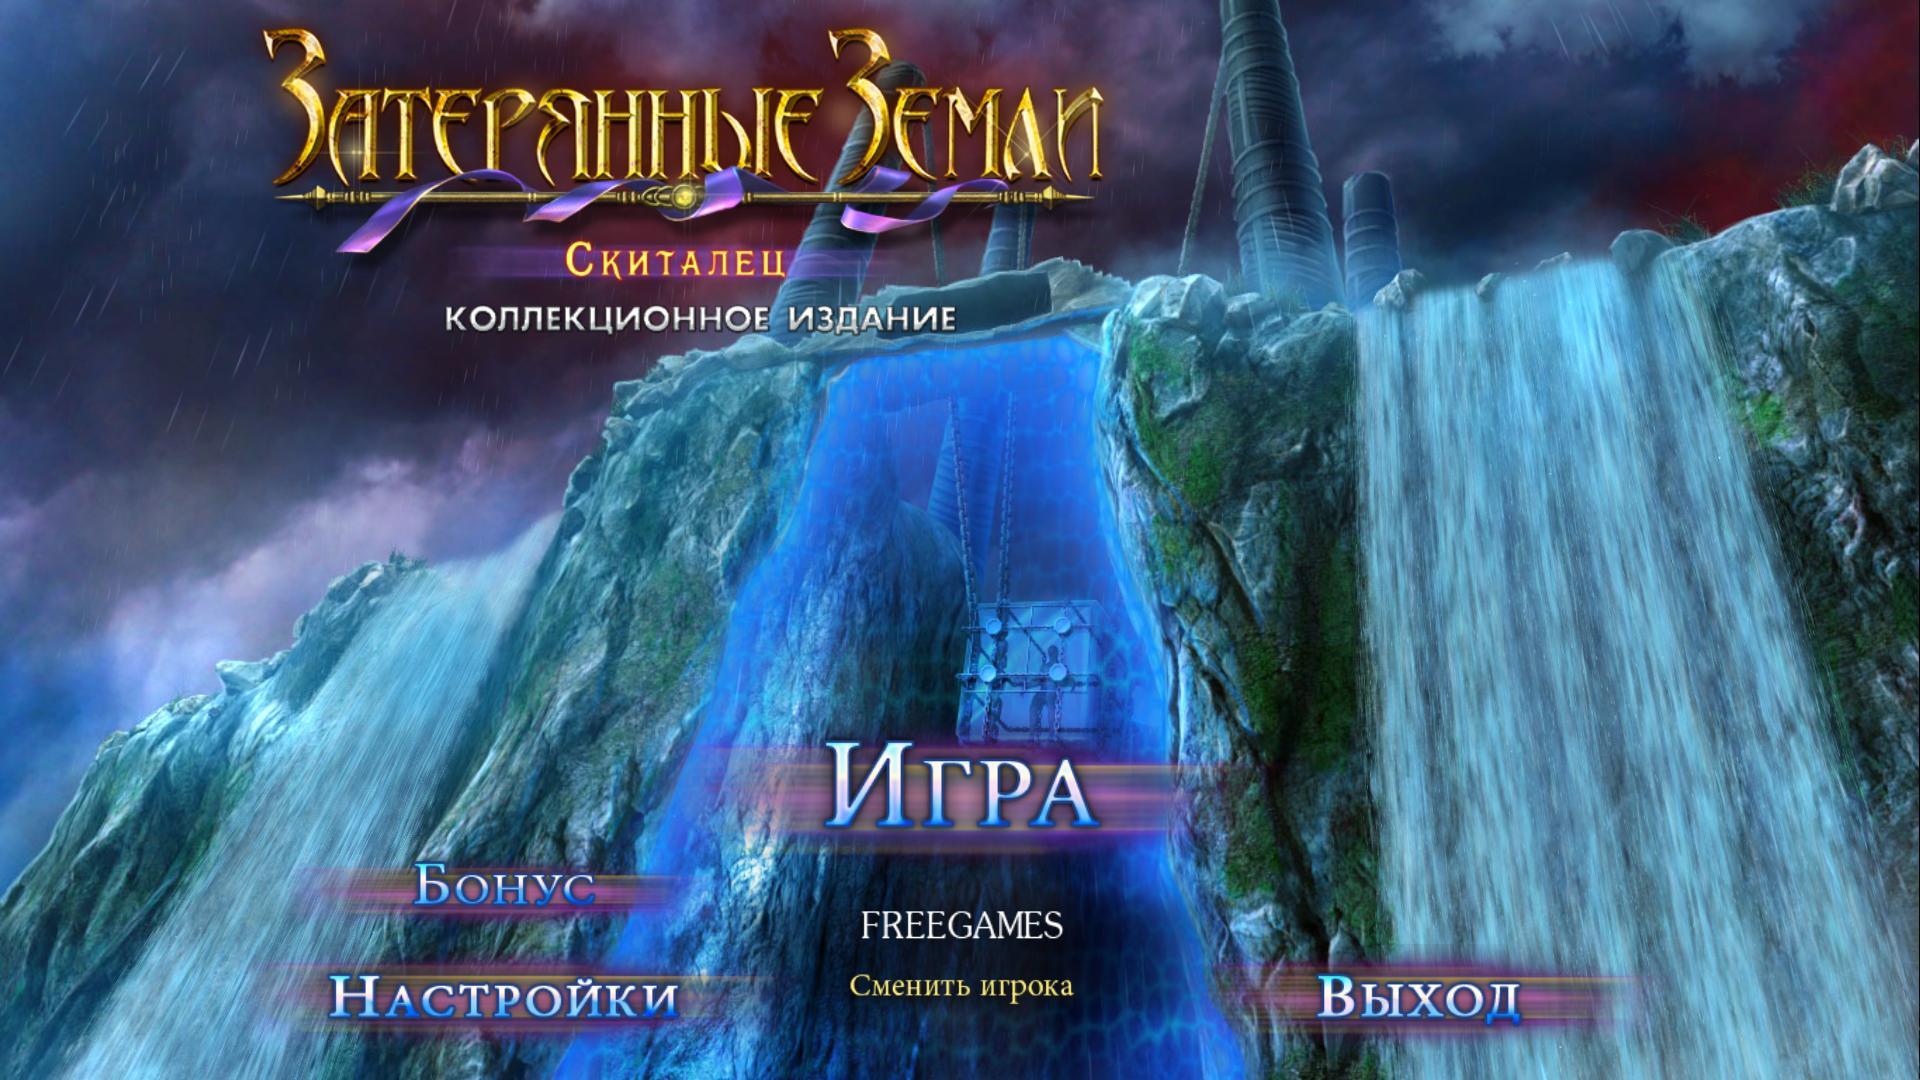 Затерянные земли 4: Скиталец. Коллекционное издание | Lost Lands 4: The Wanderer CE (Rus)